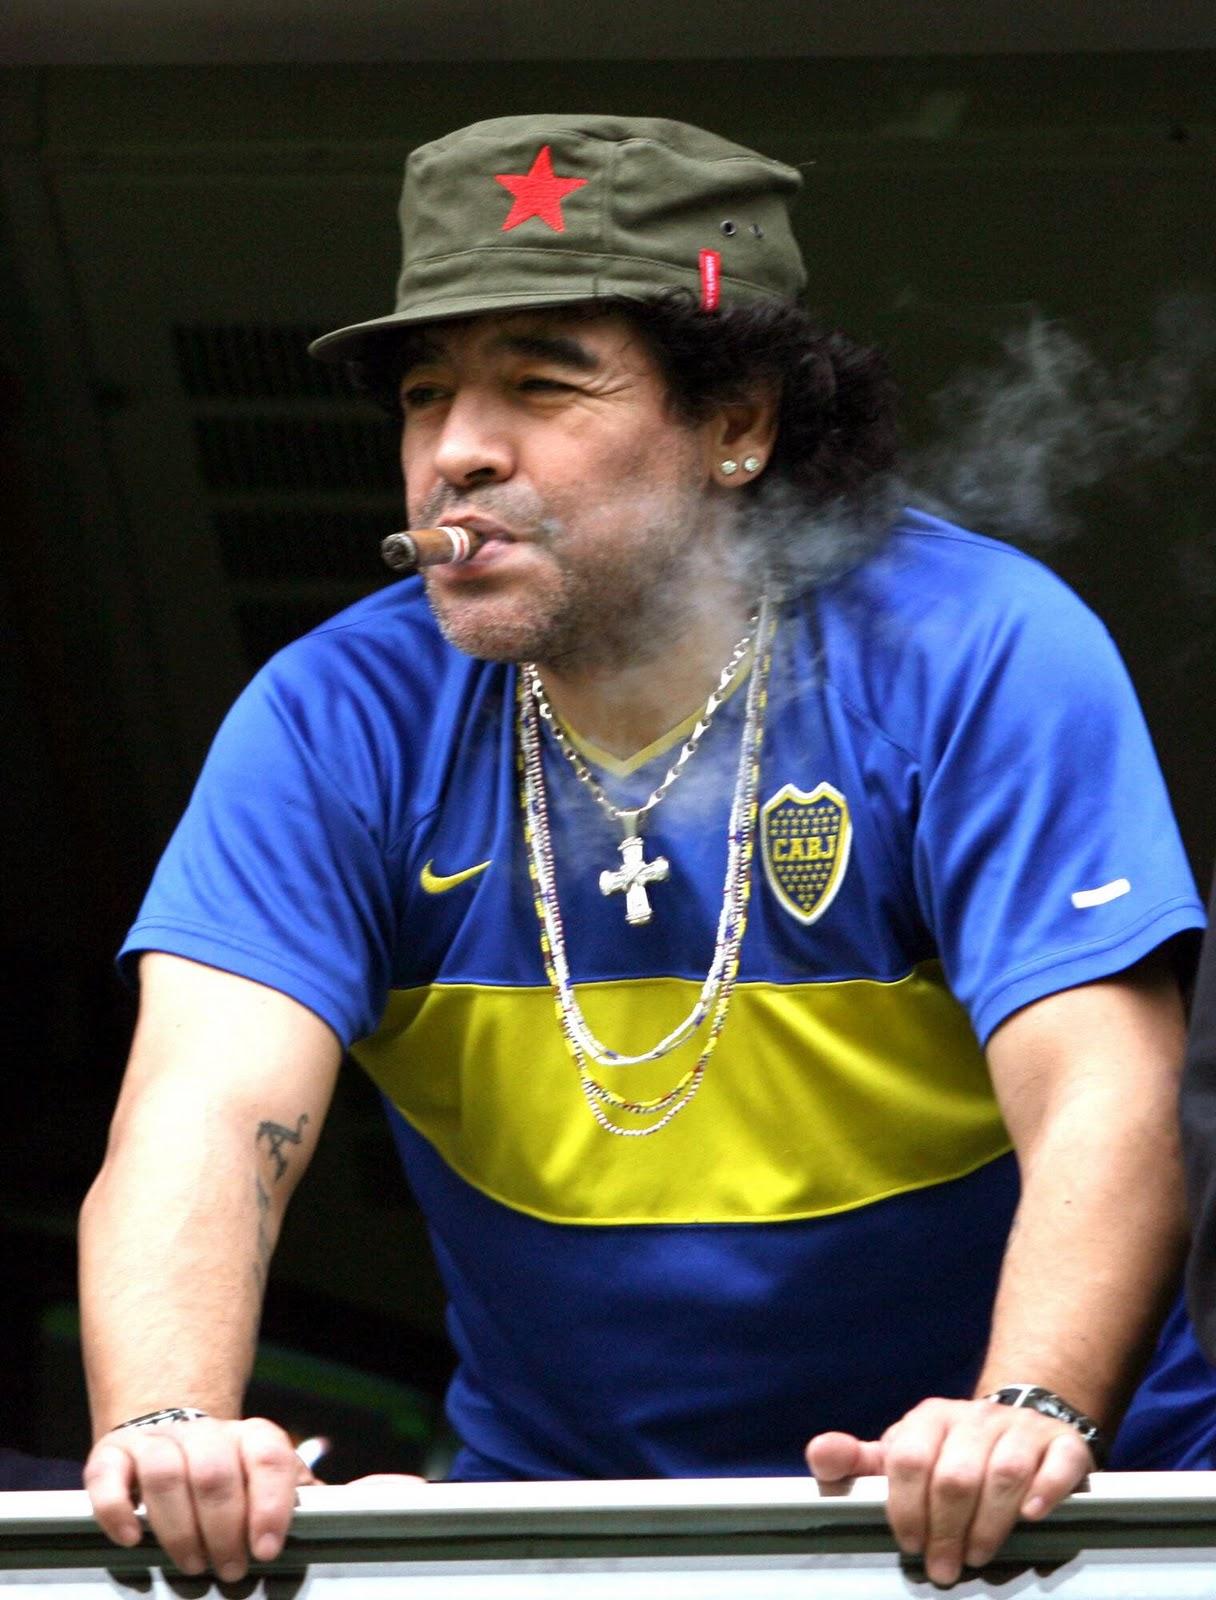 http://1.bp.blogspot.com/-DOxywL0j6lQ/Tts6YjYGQaI/AAAAAAAAFmM/dE7jyw_I68Q/s1600/diego-armando-maradona-03.jpg